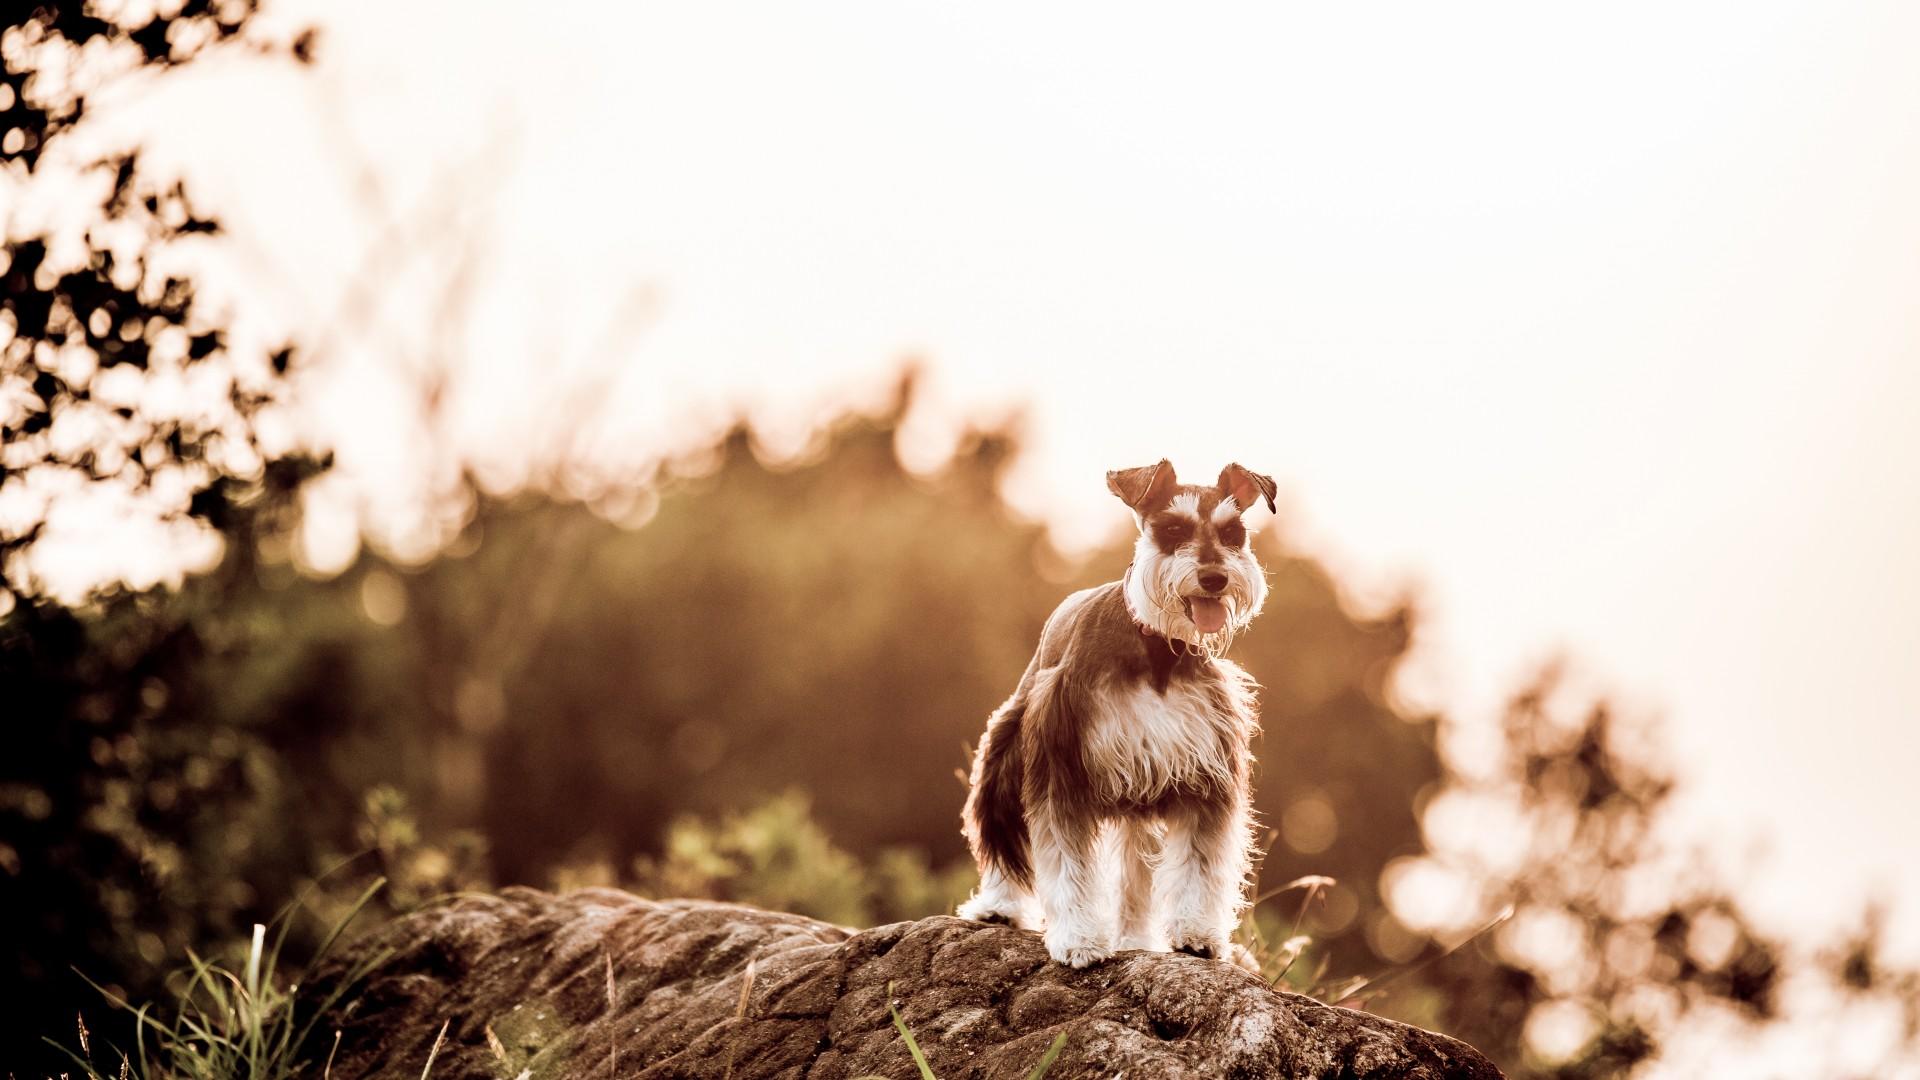 壁紙 イヌ ミニチュア シュナウザー 動物 ダウンロード 写真